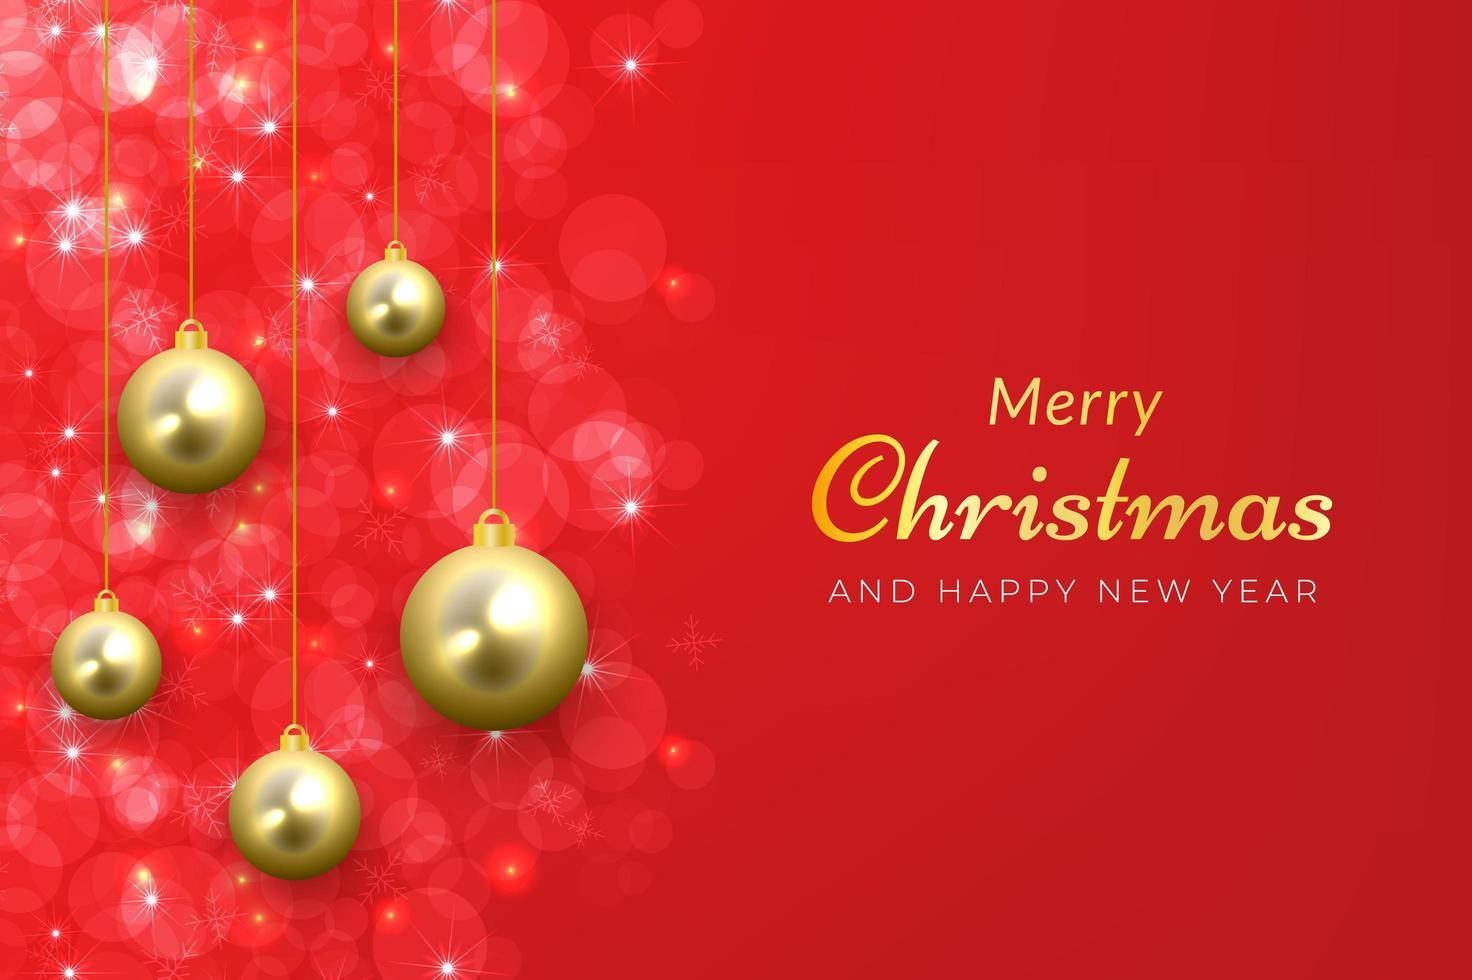 Fondo navideño en rojo brillante con adornos colgantes dorados. vector